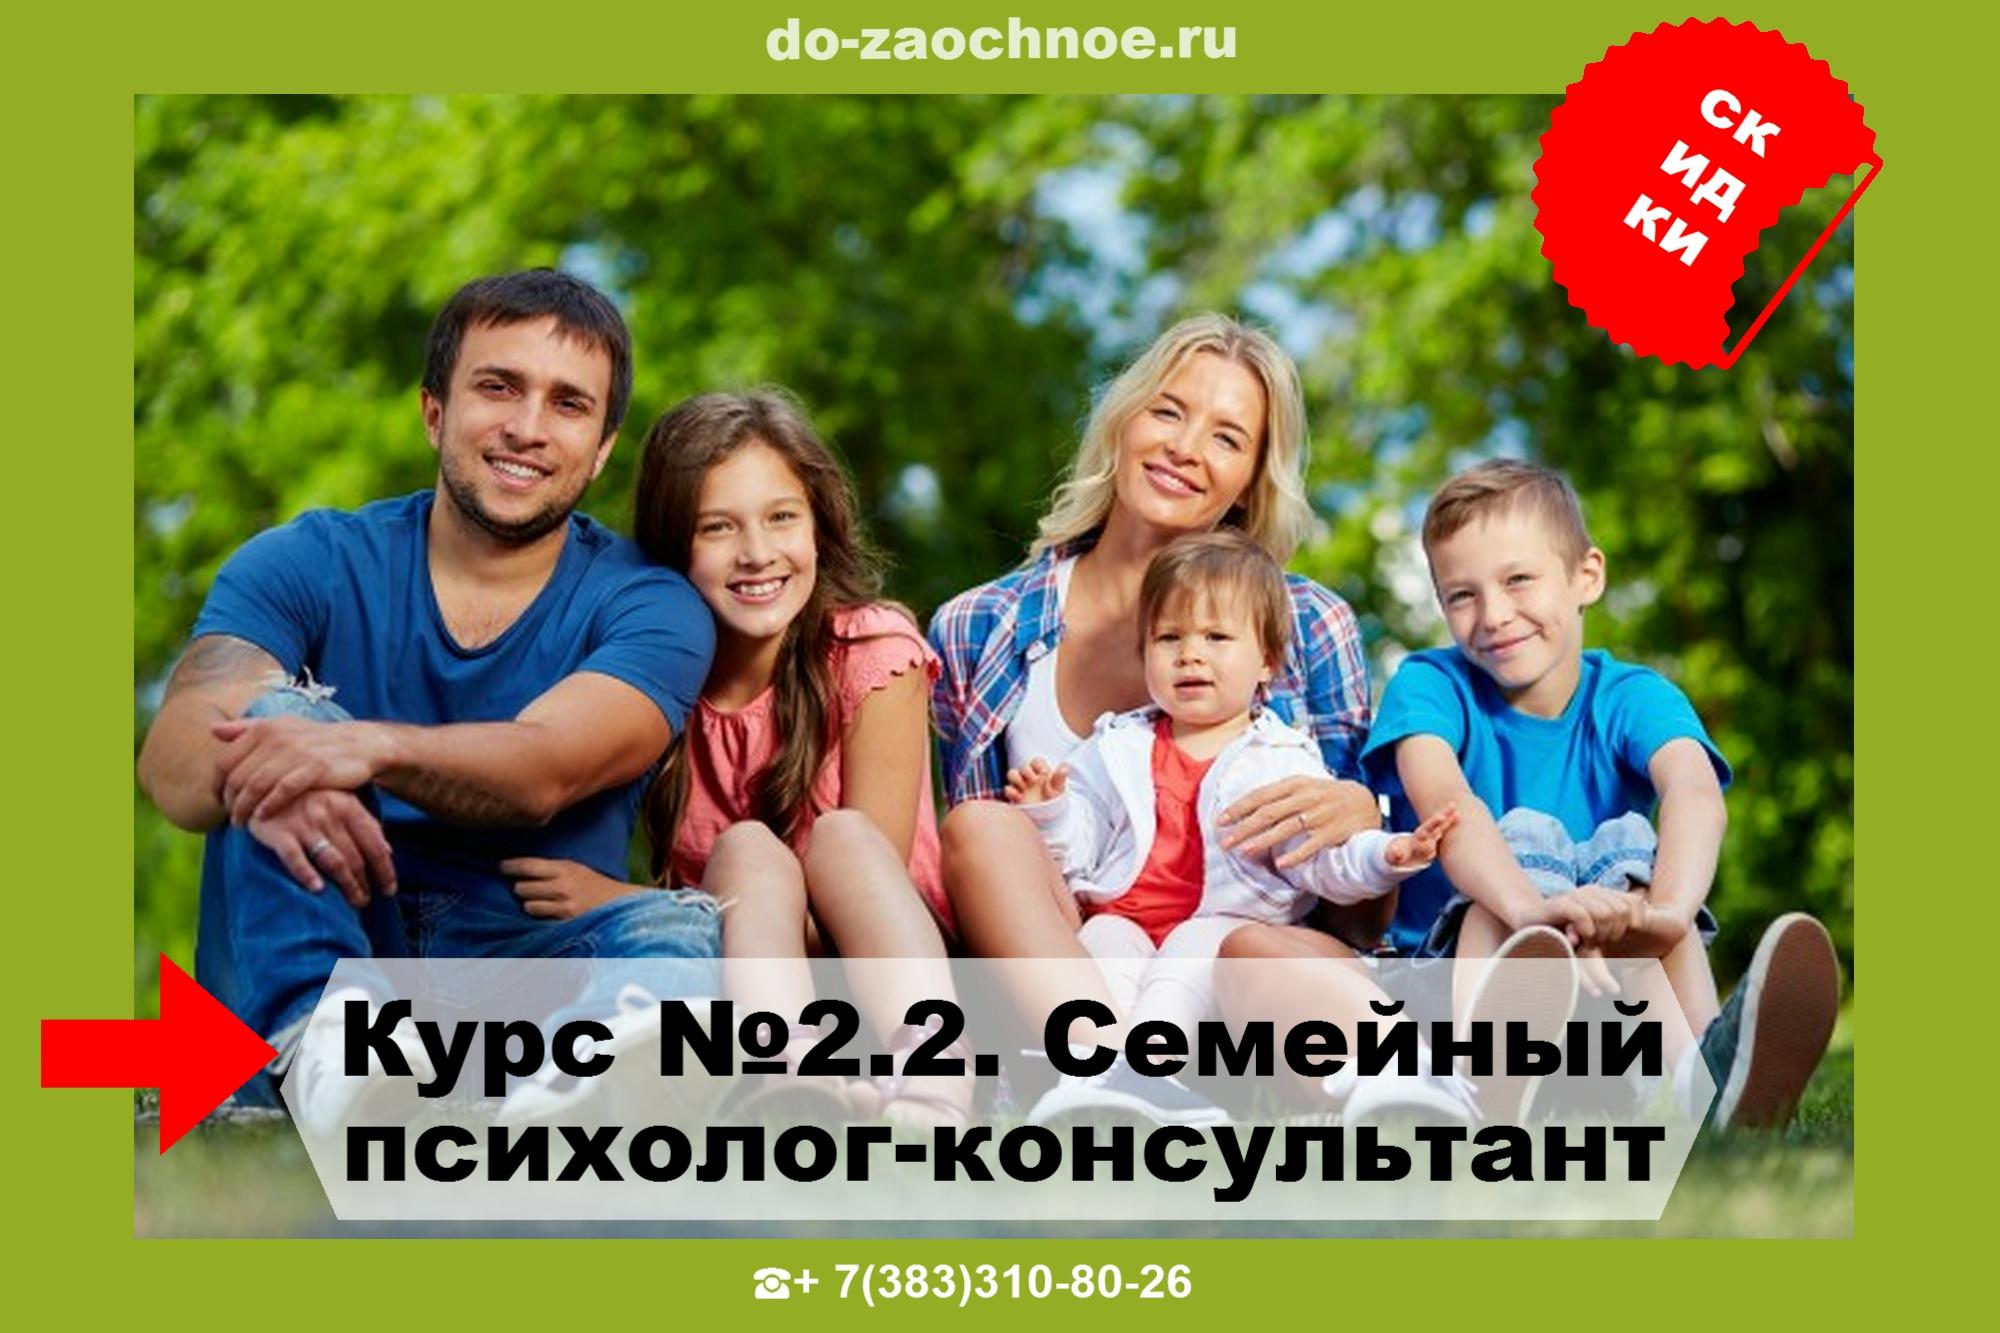 ИДПК дистанционные курсы семейной психологии на do-zaochnoe.ru тут!